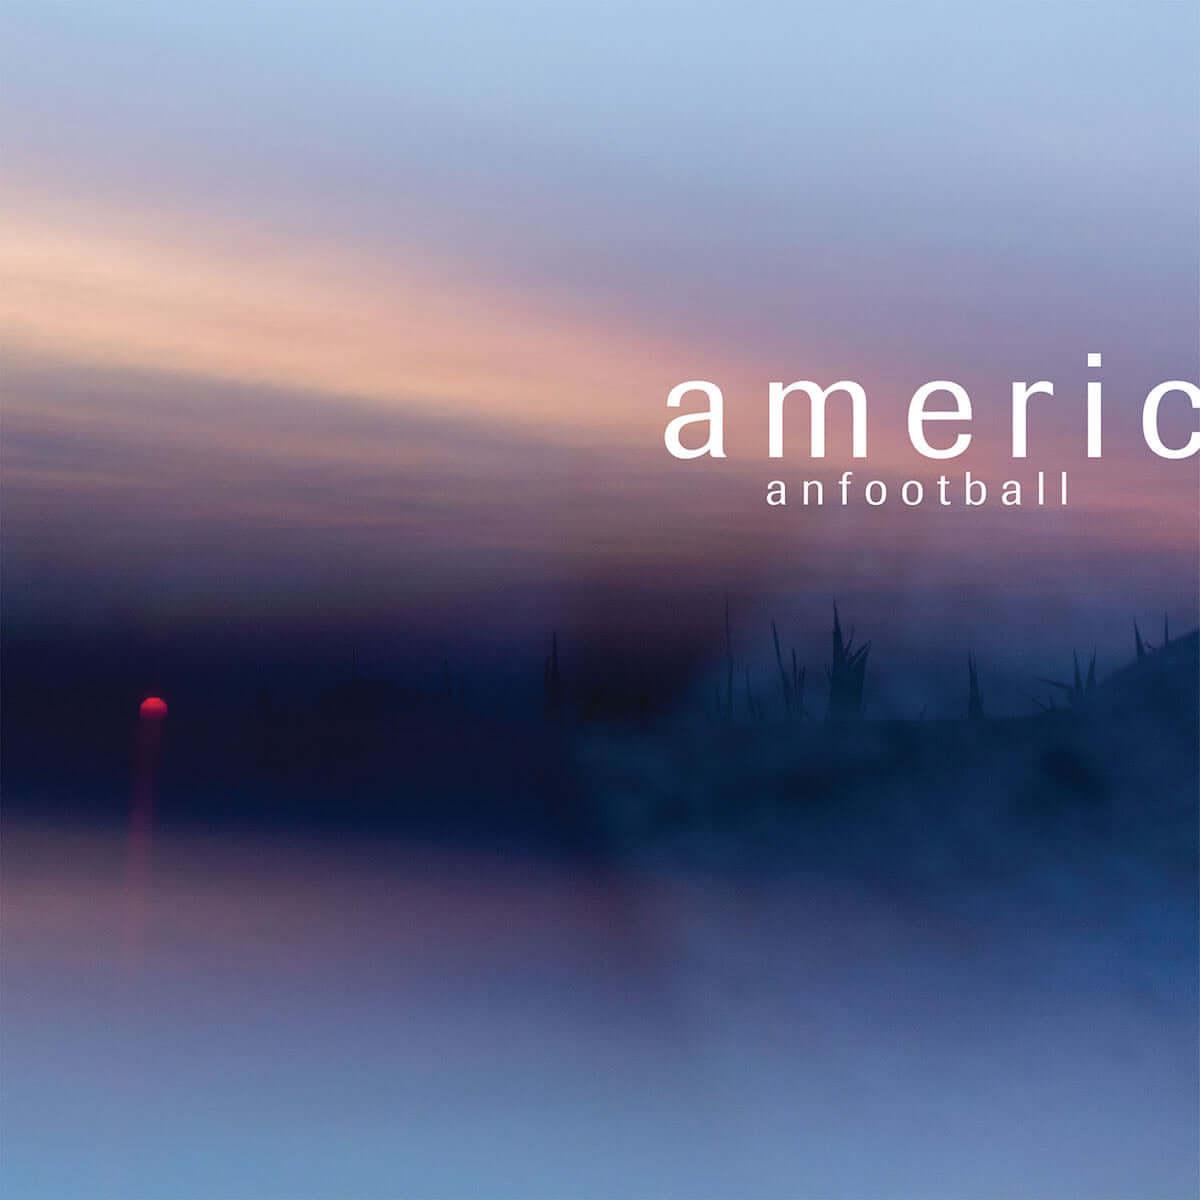 エモ・シーンのレジェンド、アメリカン・フットボールが待望のサード作を来年3月にリリース|先行シングル配信開始 6441100374-1200x1200